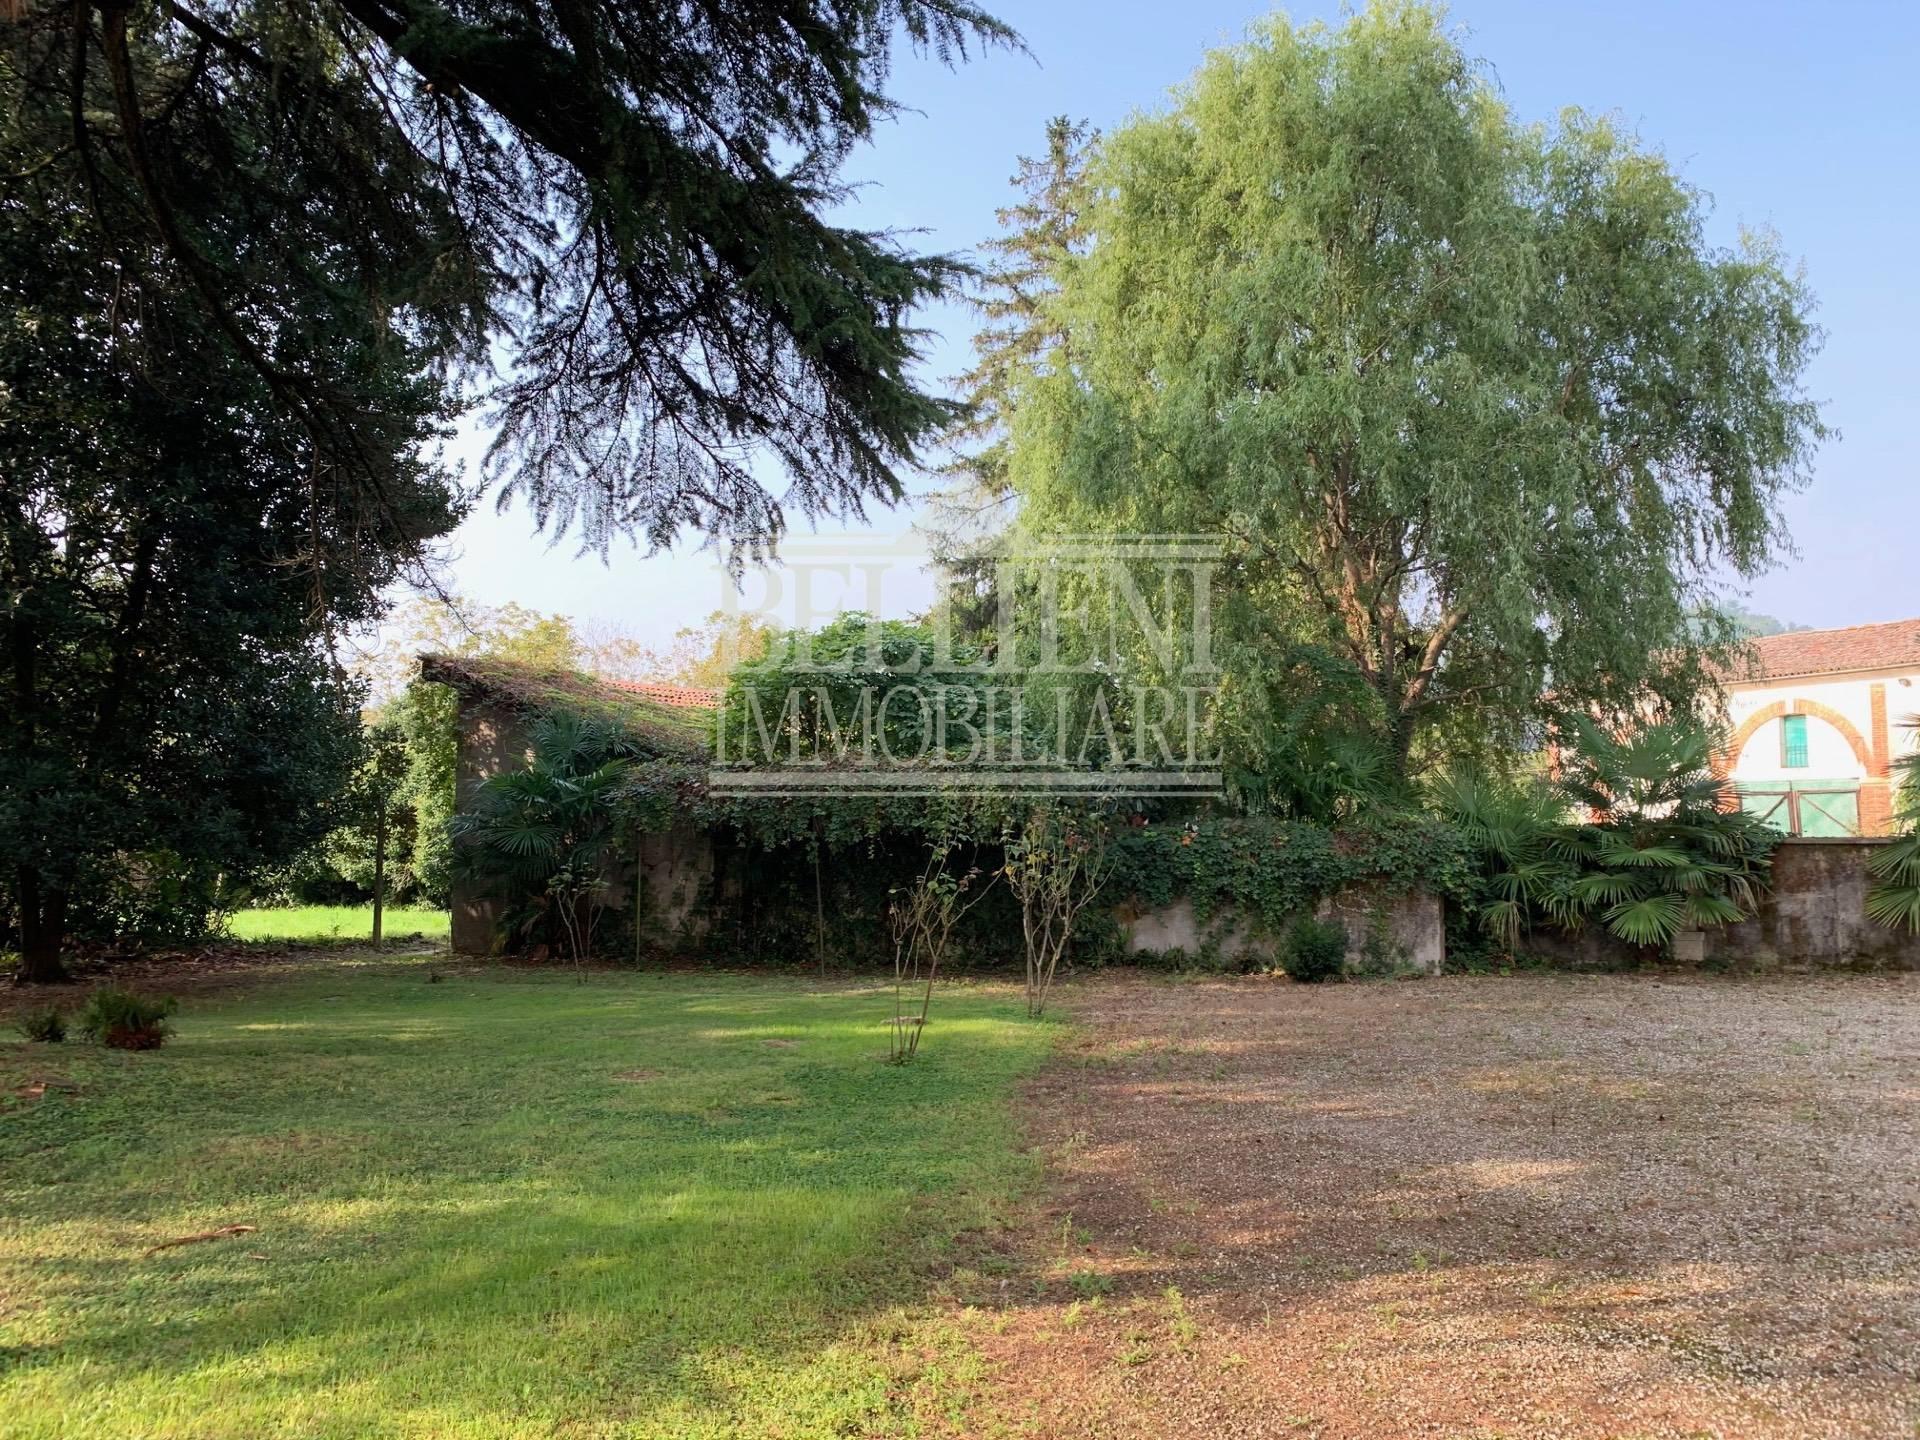 Villa a Schiera in vendita a Vicenza, 5 locali, zona Località: PortaLupia-Eretenia-SsApostoli-SanSilvestro, Trattative riservate | CambioCasa.it